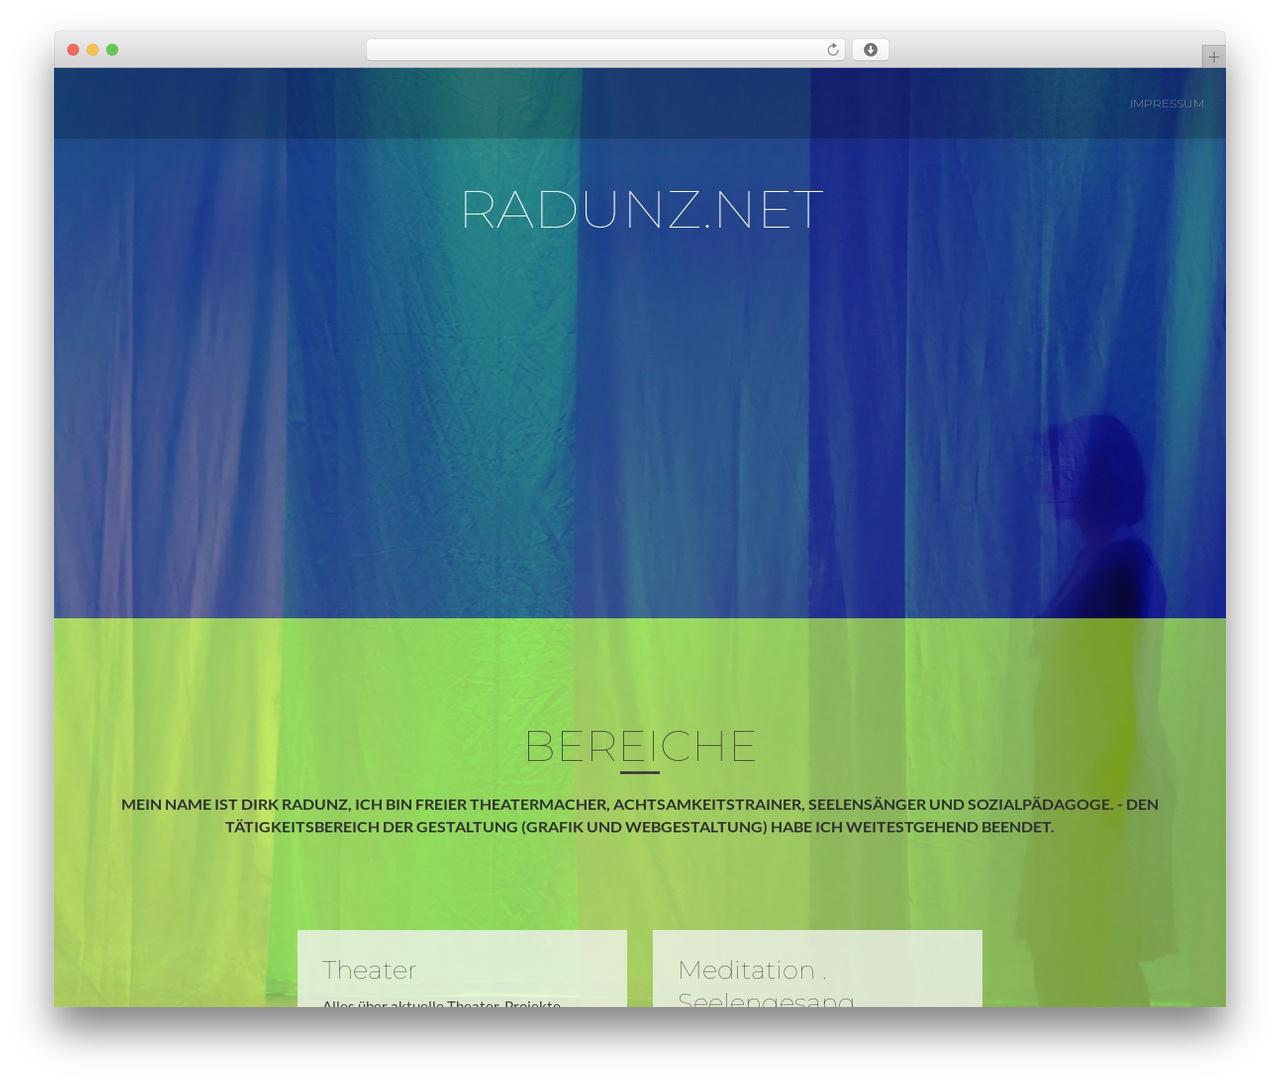 ResponsiveBoat WordPress website template - radunz.net